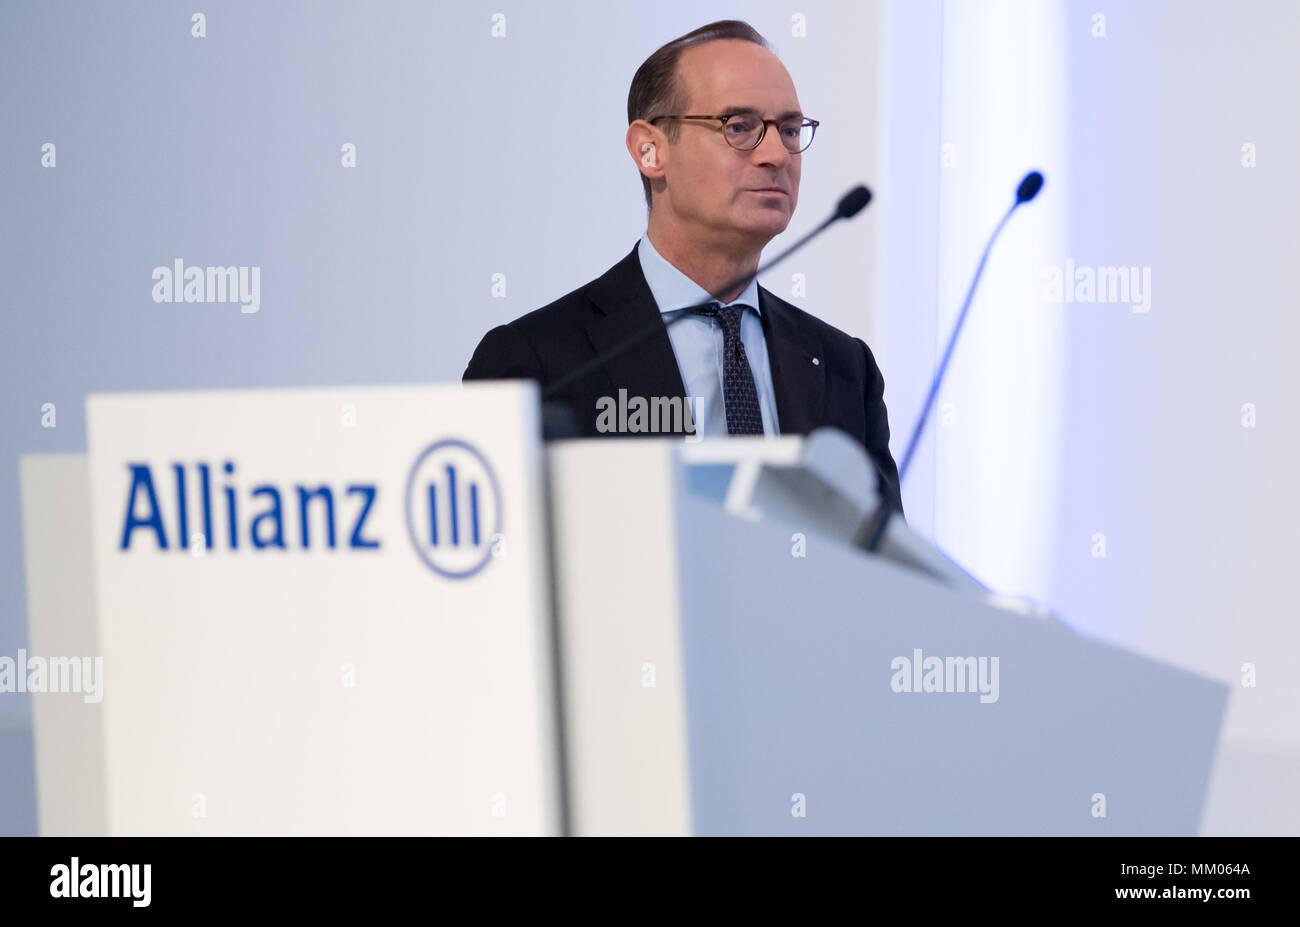 09 de mayo de 2018, en Alemania, en Munich: CEO de la compañía de seguros Allianz SE, Oliver Baete, subirse al escenario antes del comienzo de la reunión general anual de la compañía de seguros Allianz. Foto: Sven Hoppe/dpa Foto de stock